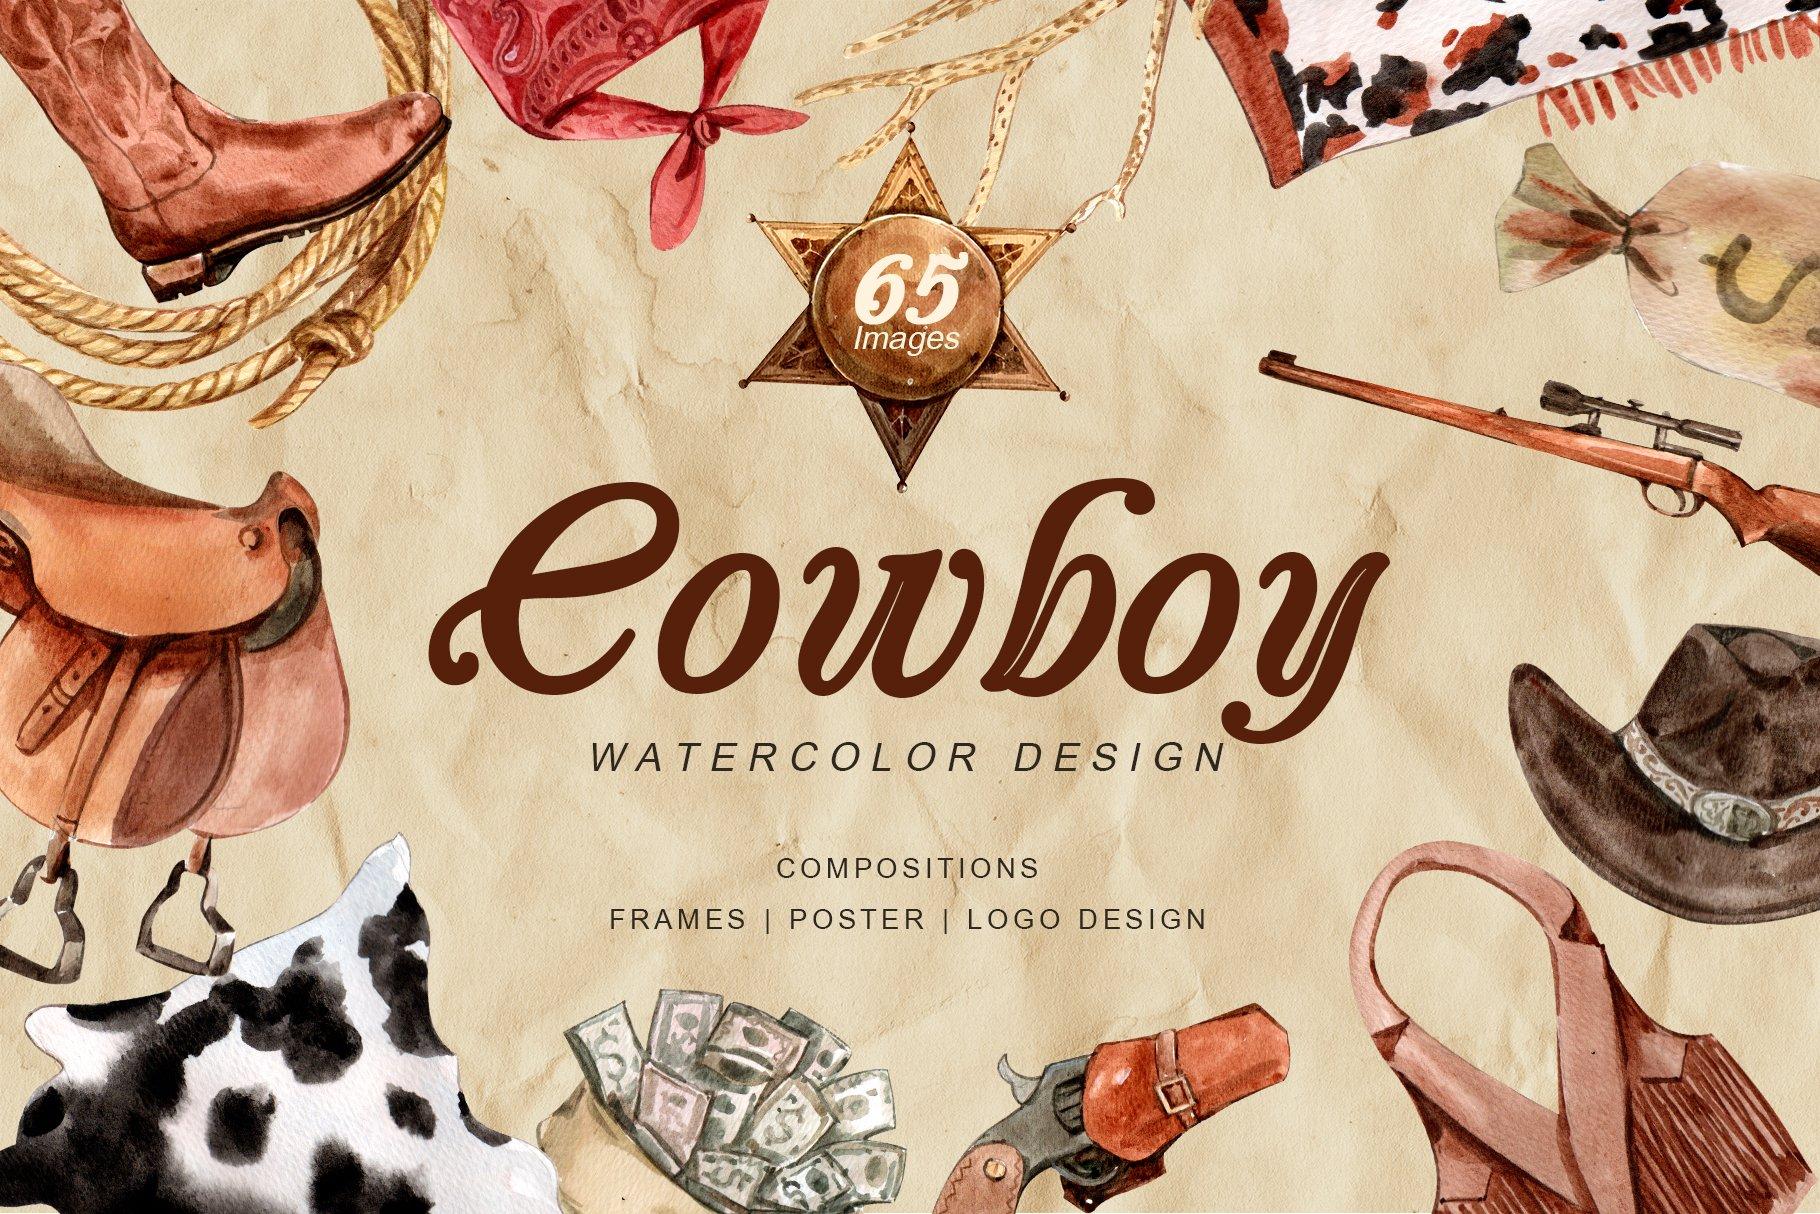 牛仔英雄元素水彩剪贴画PNG免抠图片素材 The Story of Cowboy Hero Watercolors Set插图